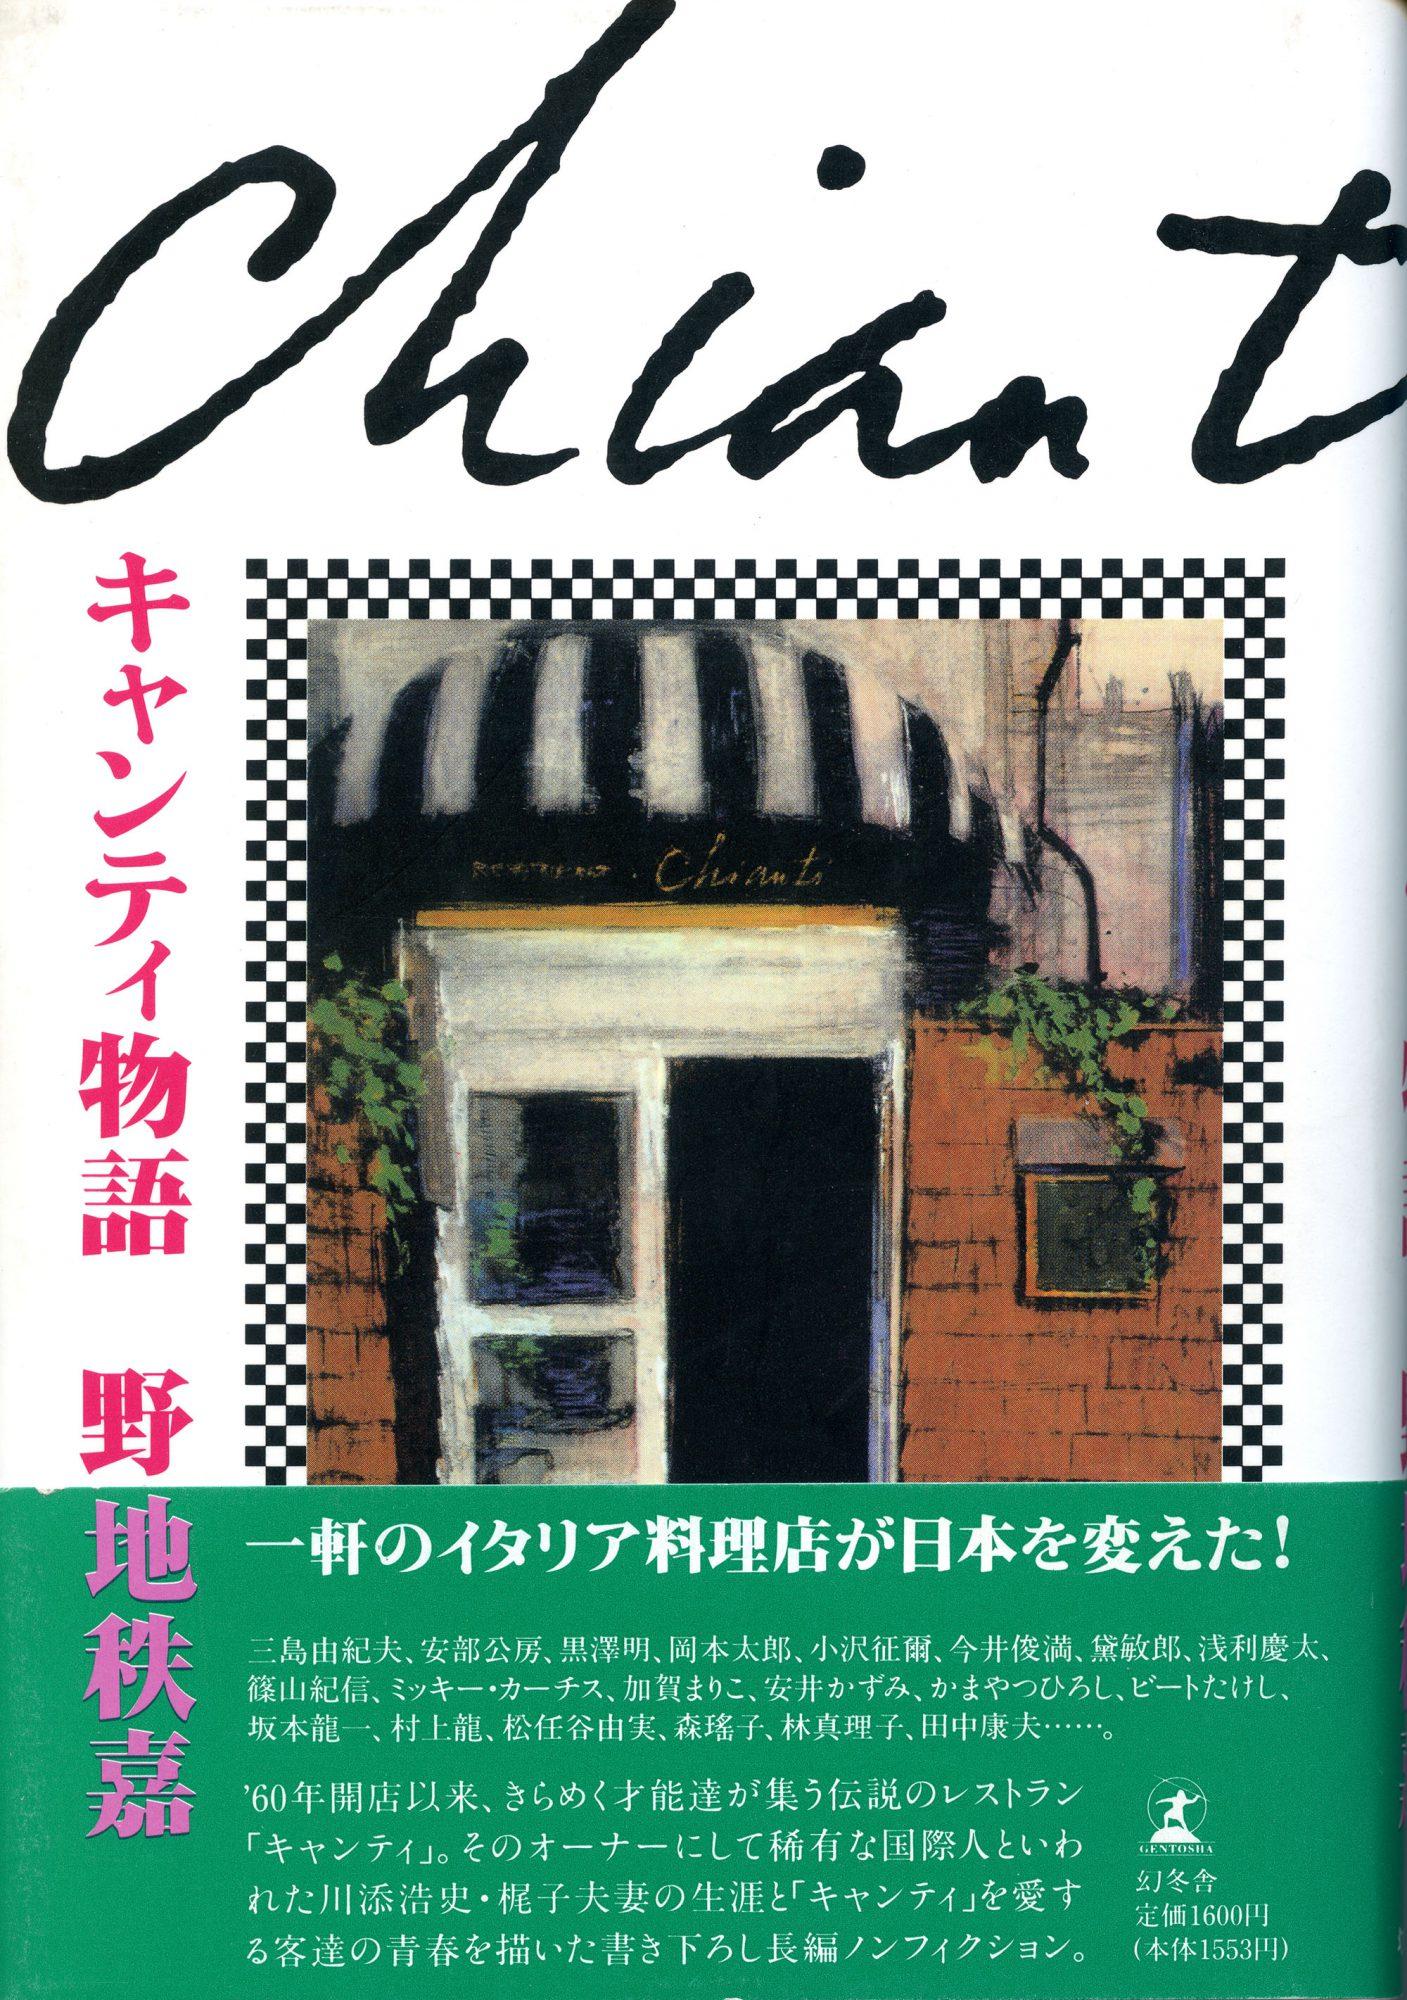 Tetsu Ikuzawa's Party Style 2.     Tetsu Ikuzawa's Life Style